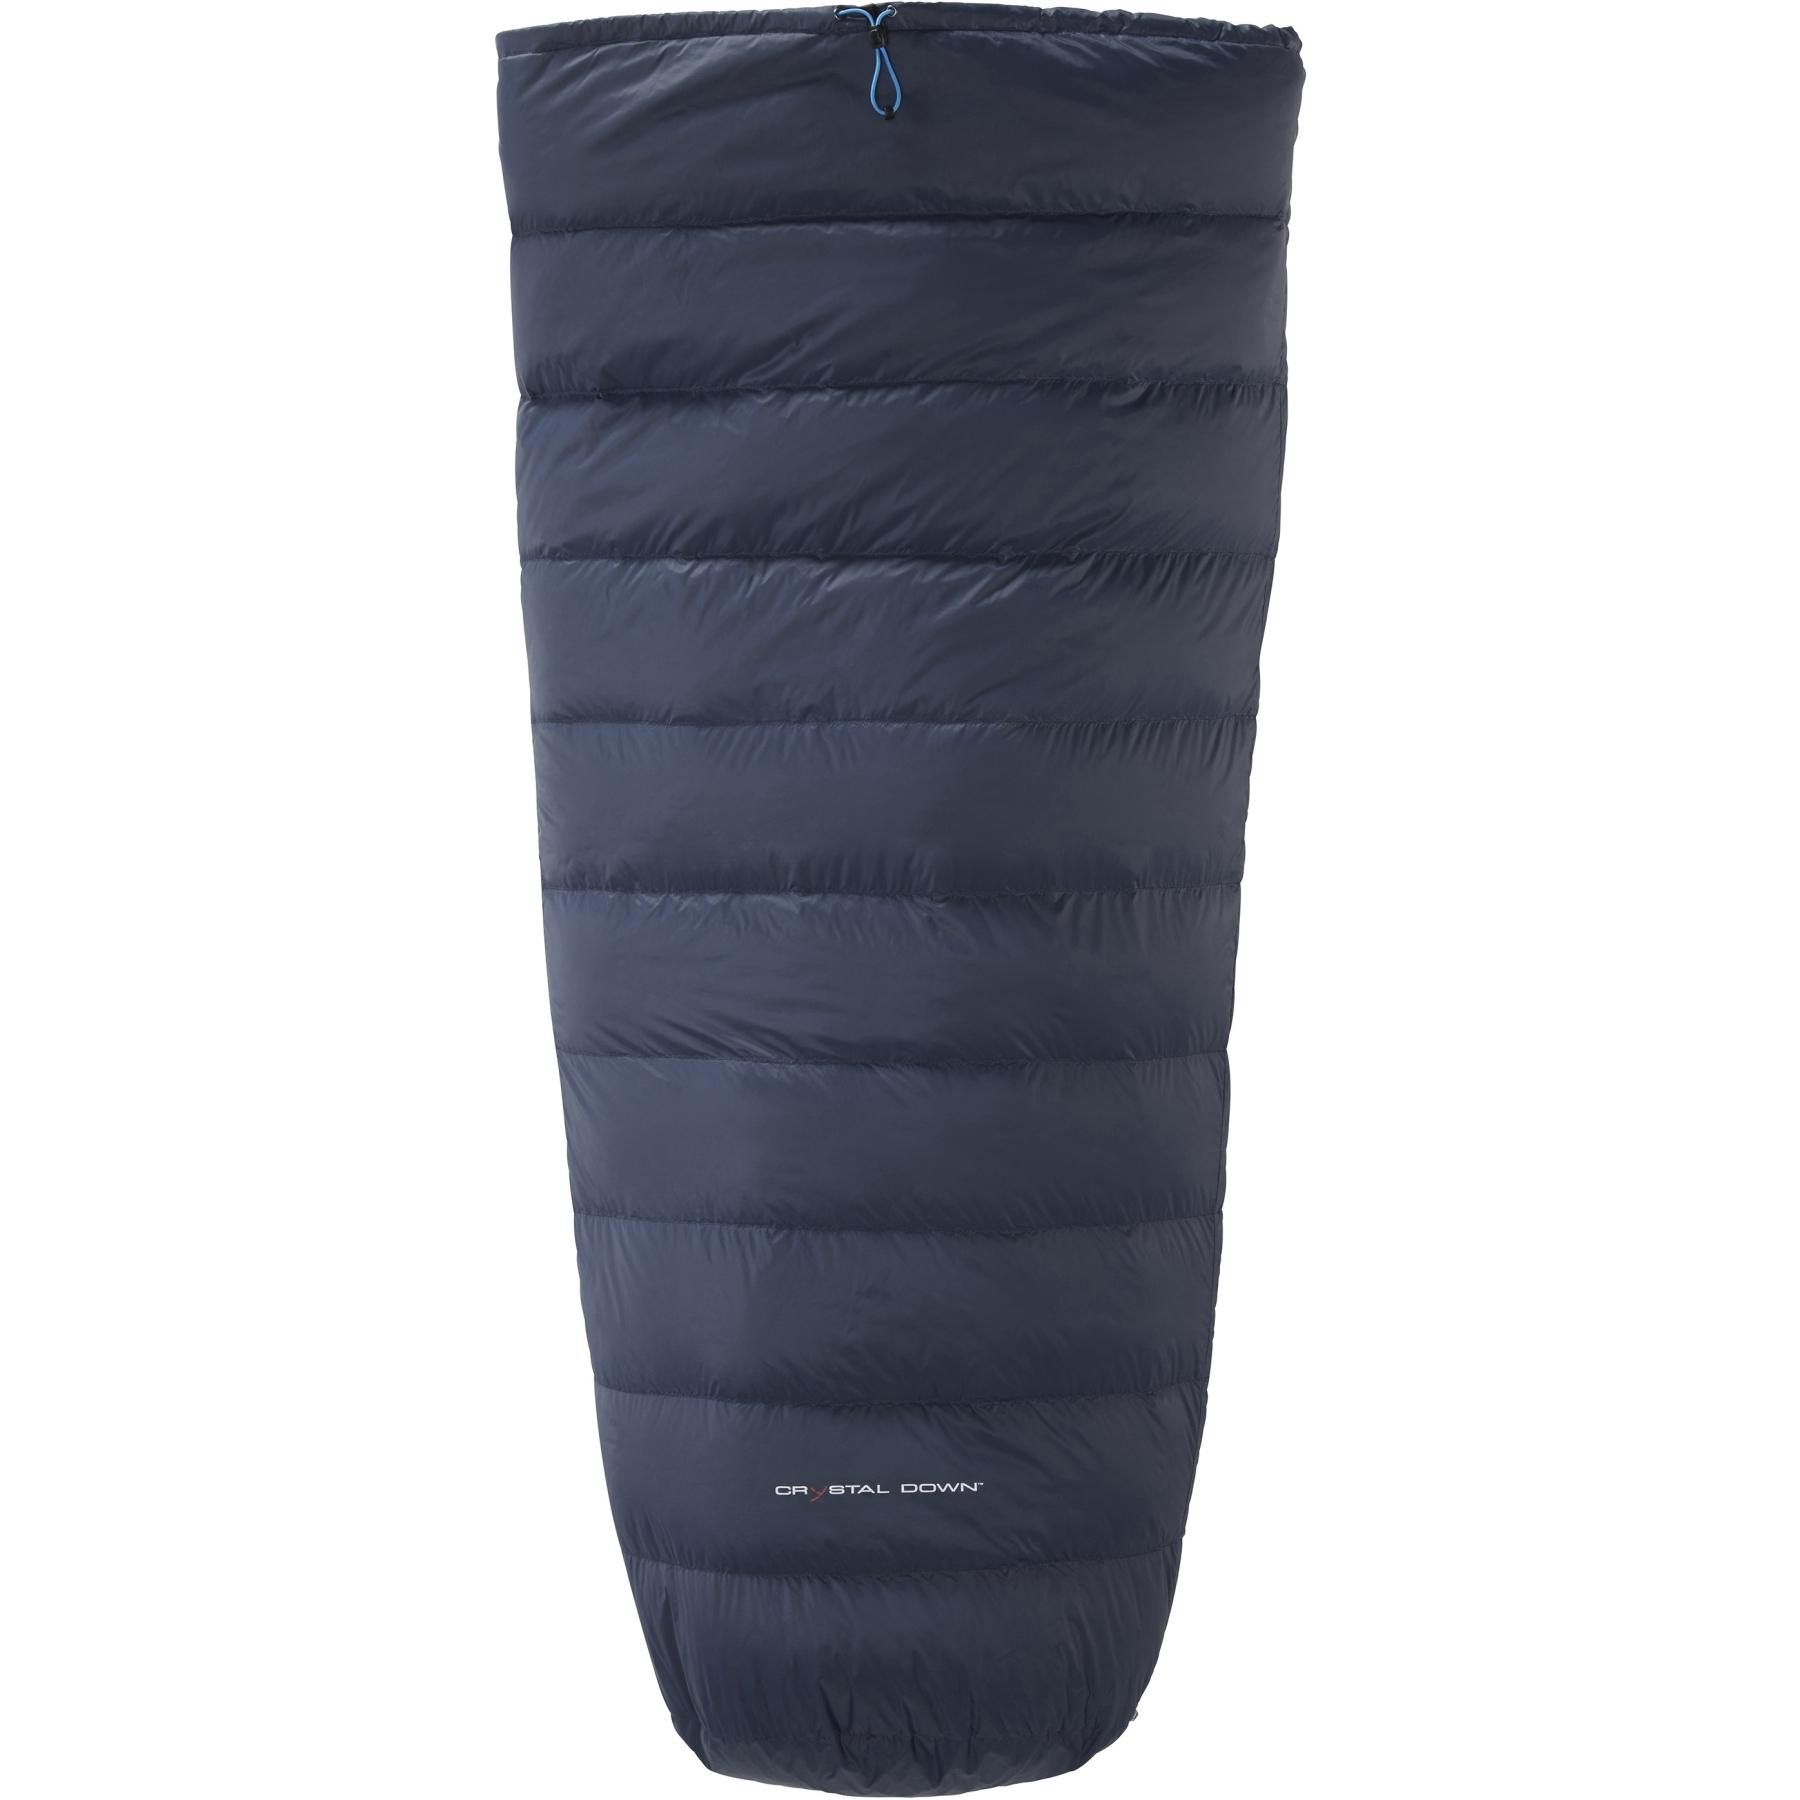 Y by Nordisk Cosy Legs S/M - mood indigo/methyl blue